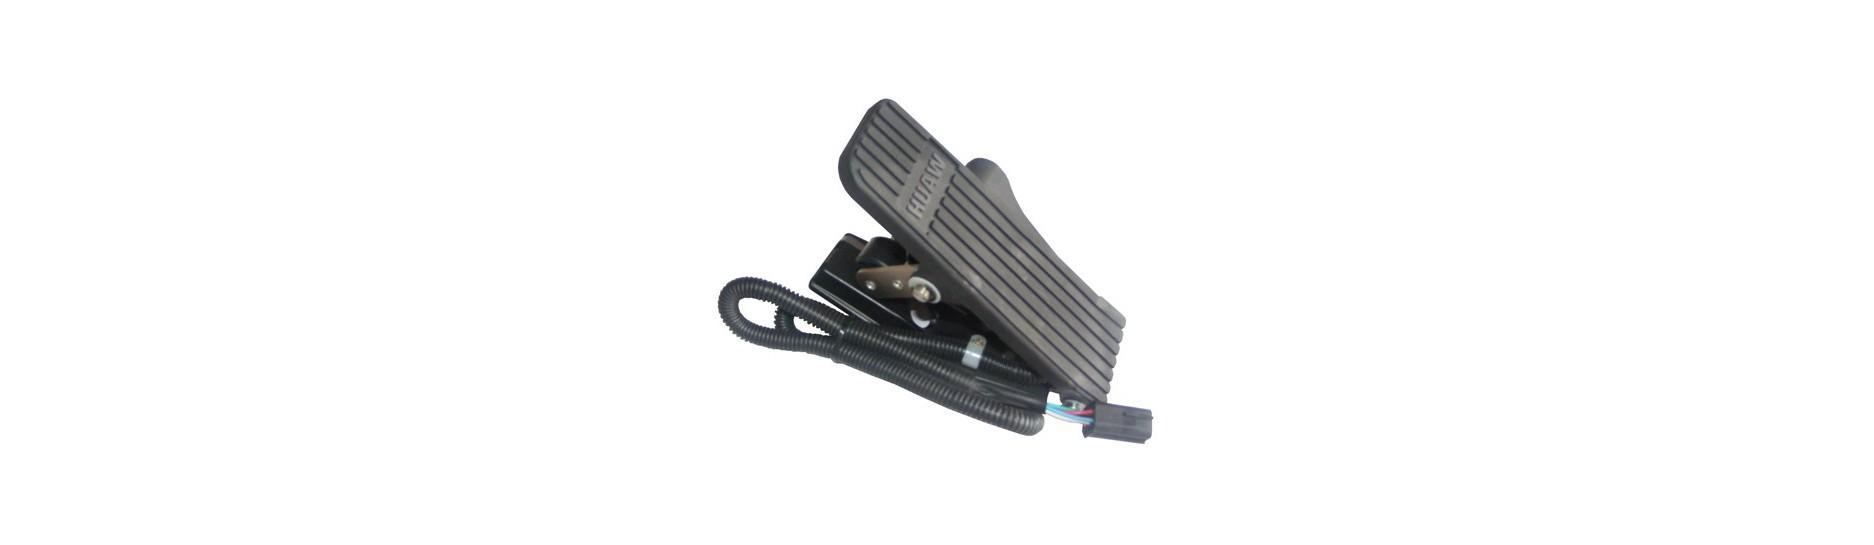 Ovladače, kabely a příslušenství